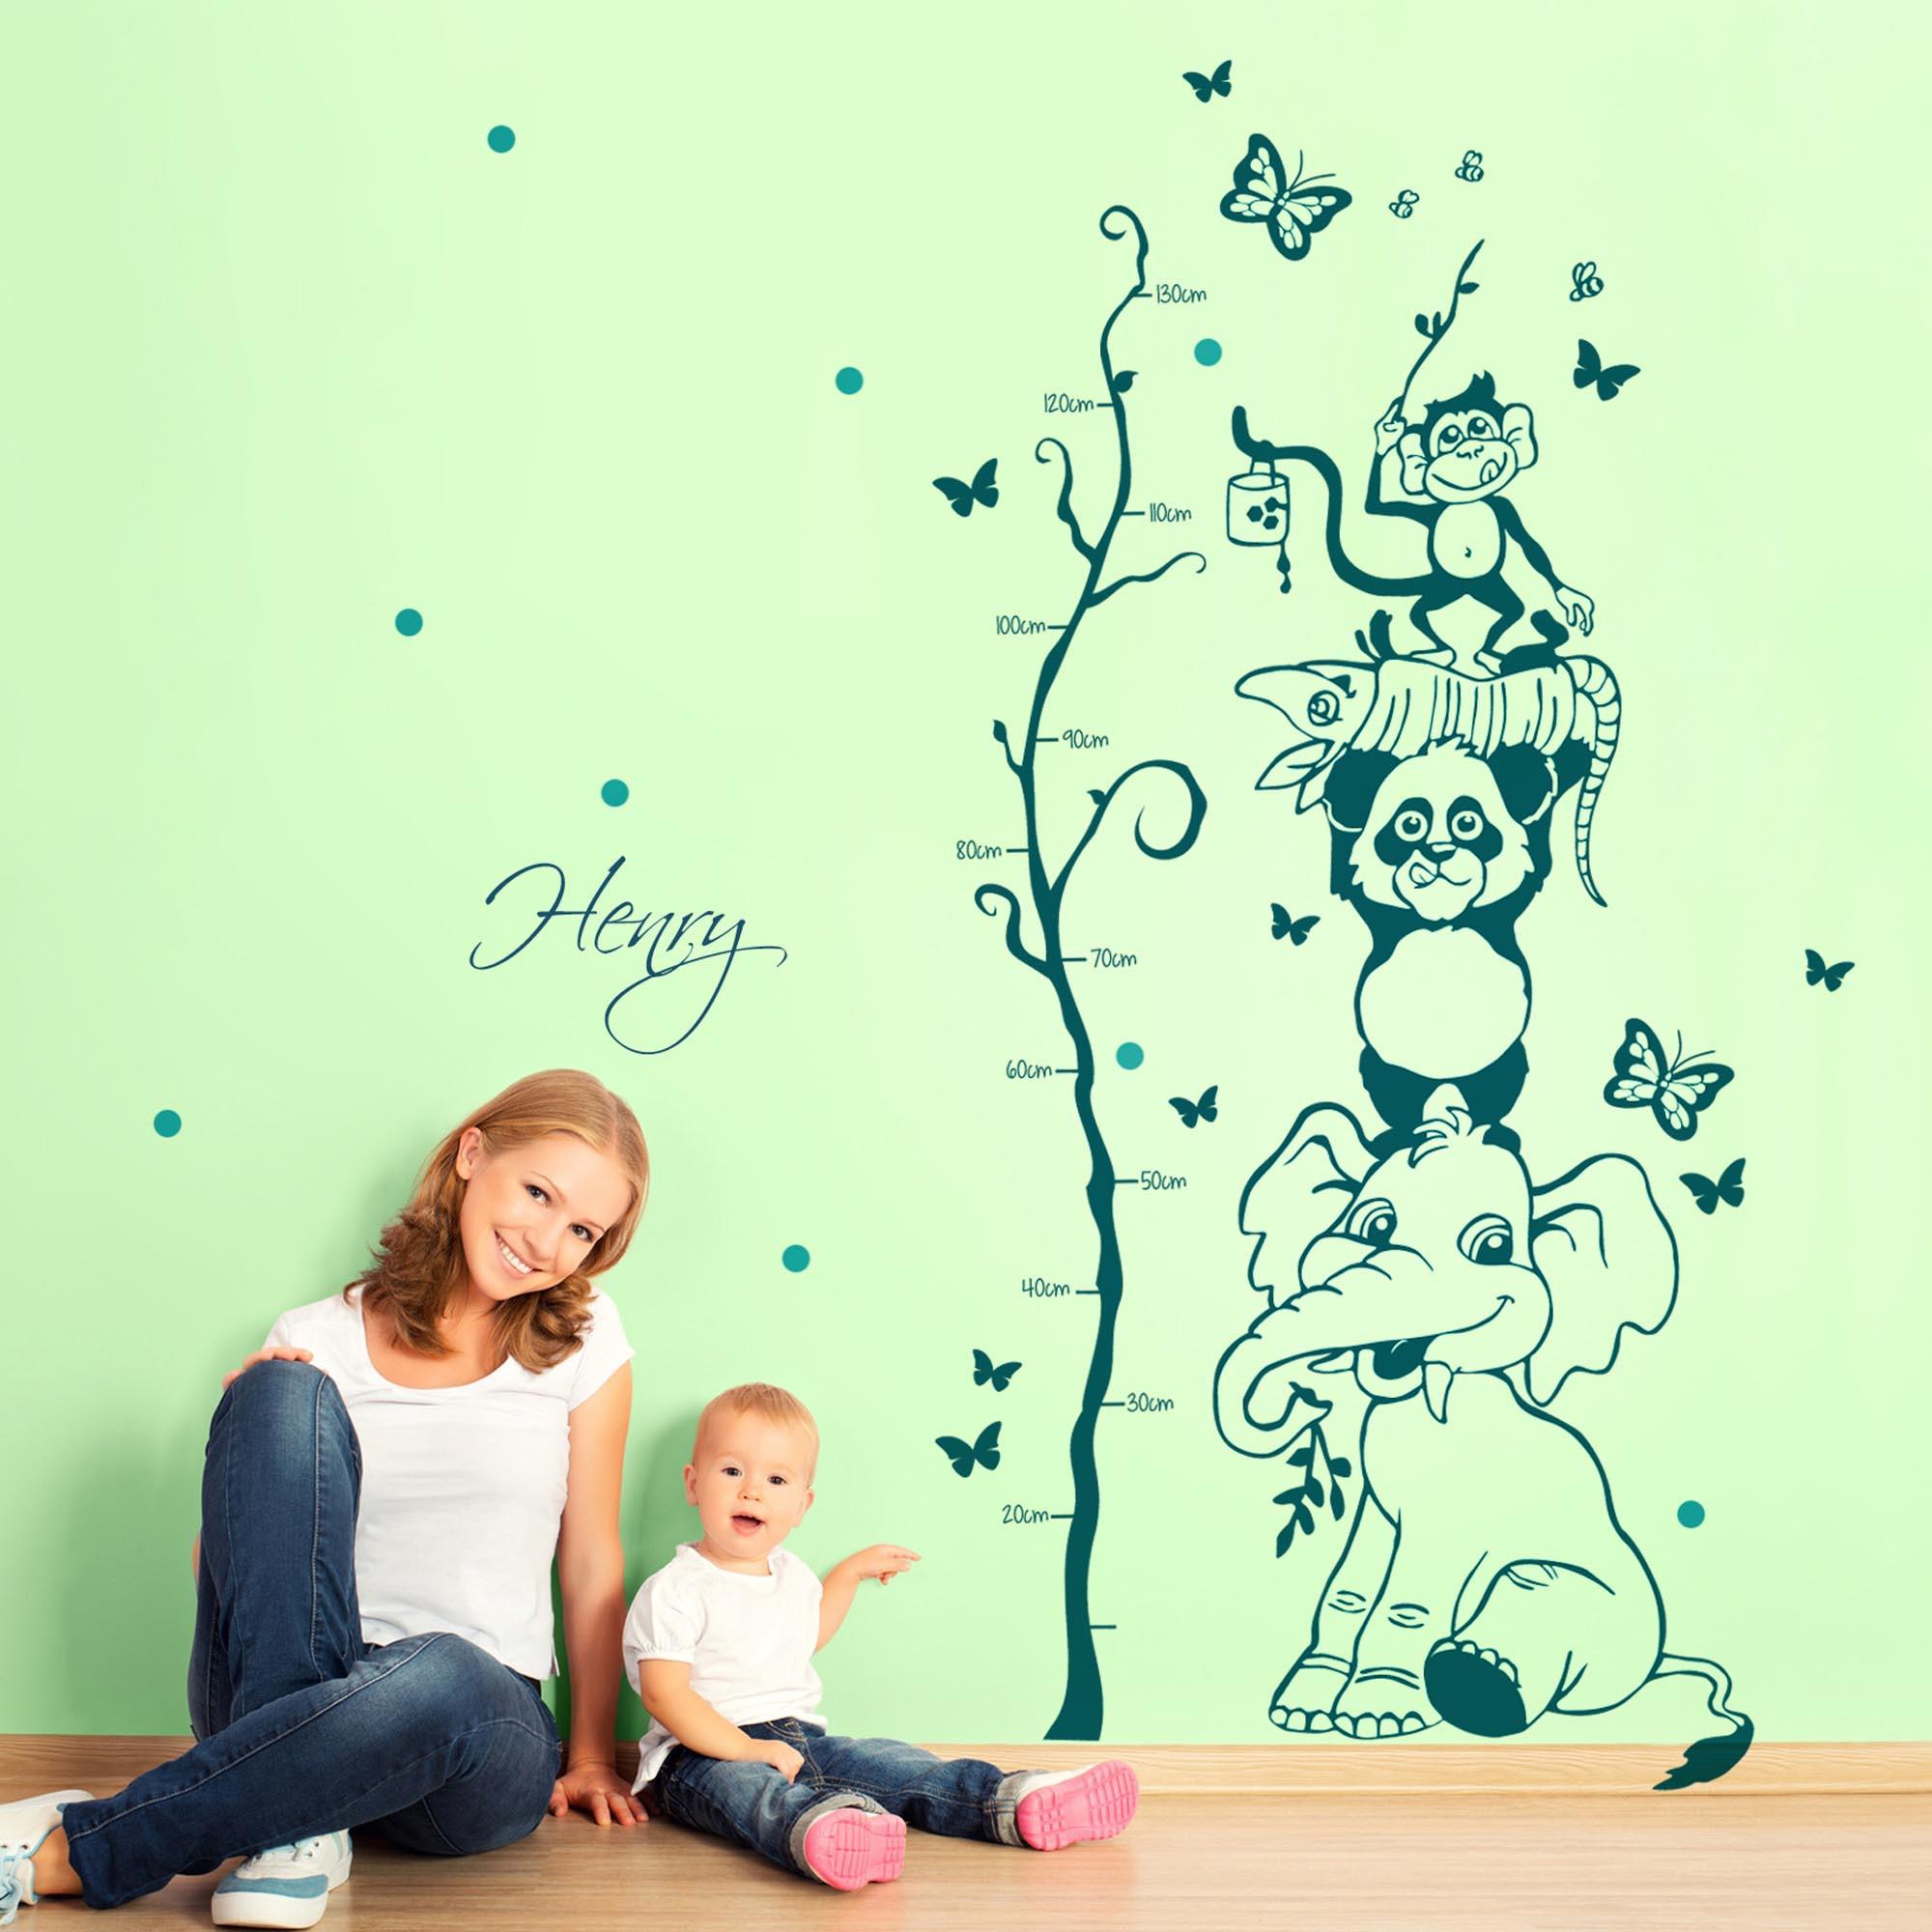 Full Size of Messlatte Kinderzimmer Wandtattoo Dschungel Tiere Baum Mit Wunschnamen Und Regal Weiß Sofa Regale Kinderzimmer Messlatte Kinderzimmer